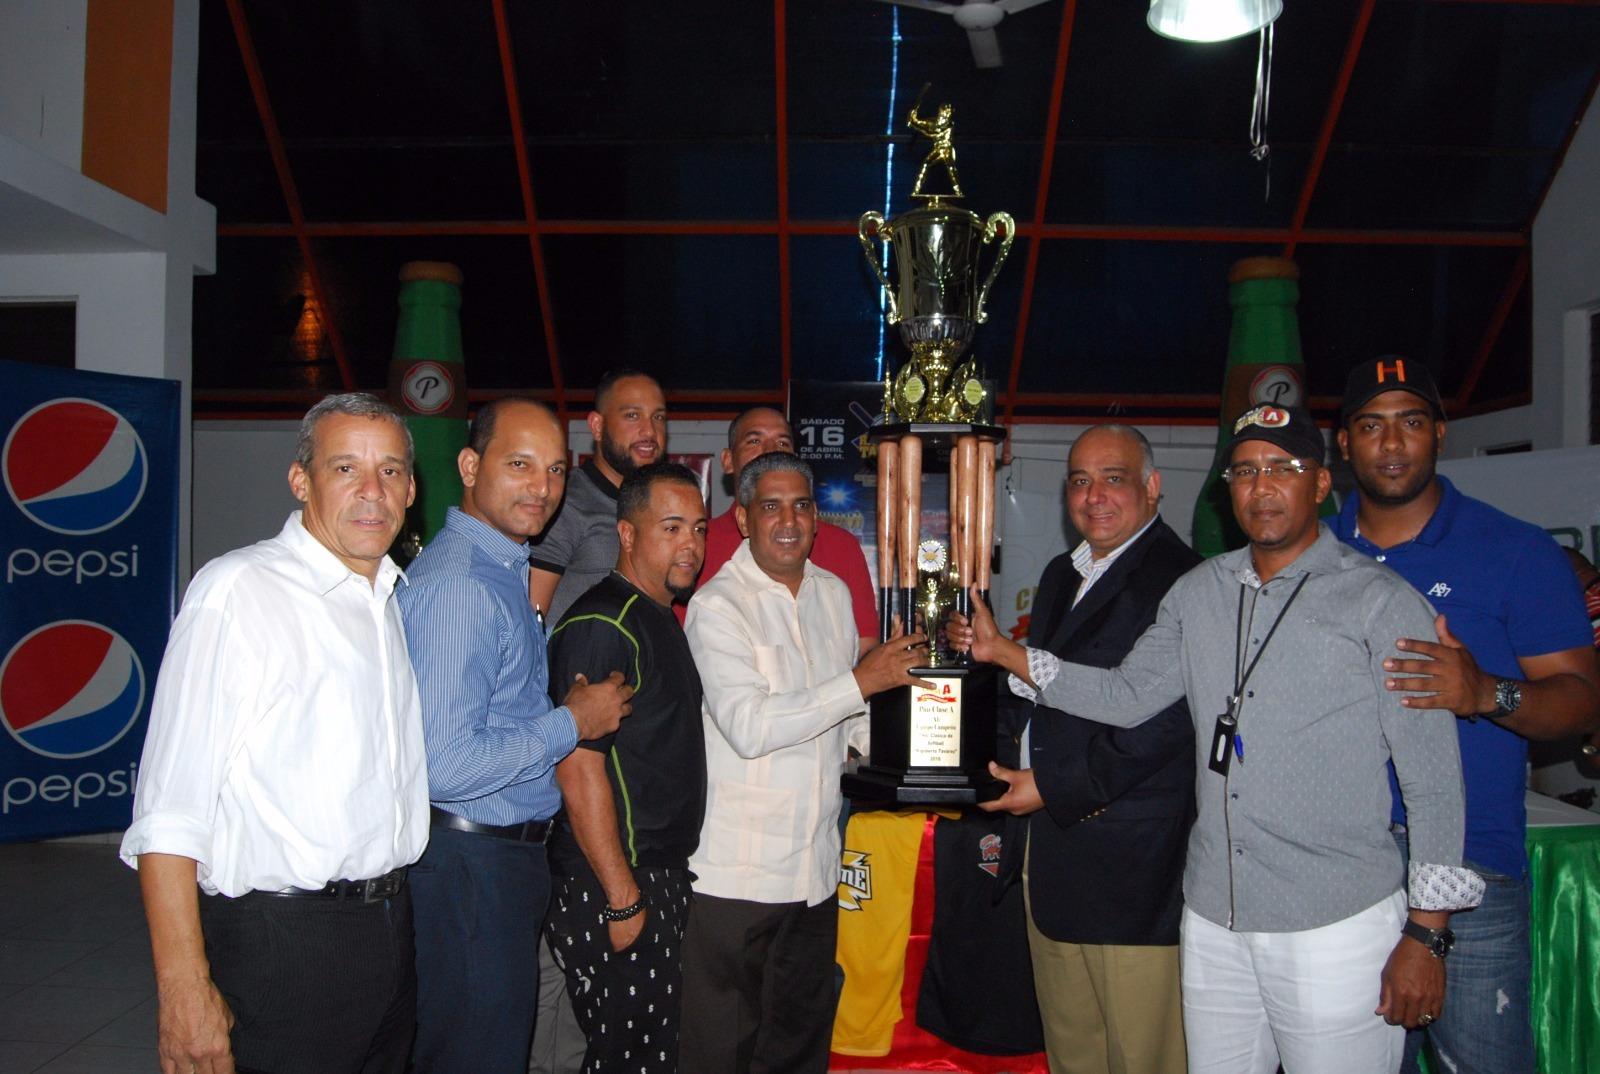 Inicia este sábado VII Clásico de Softbol en Santiago